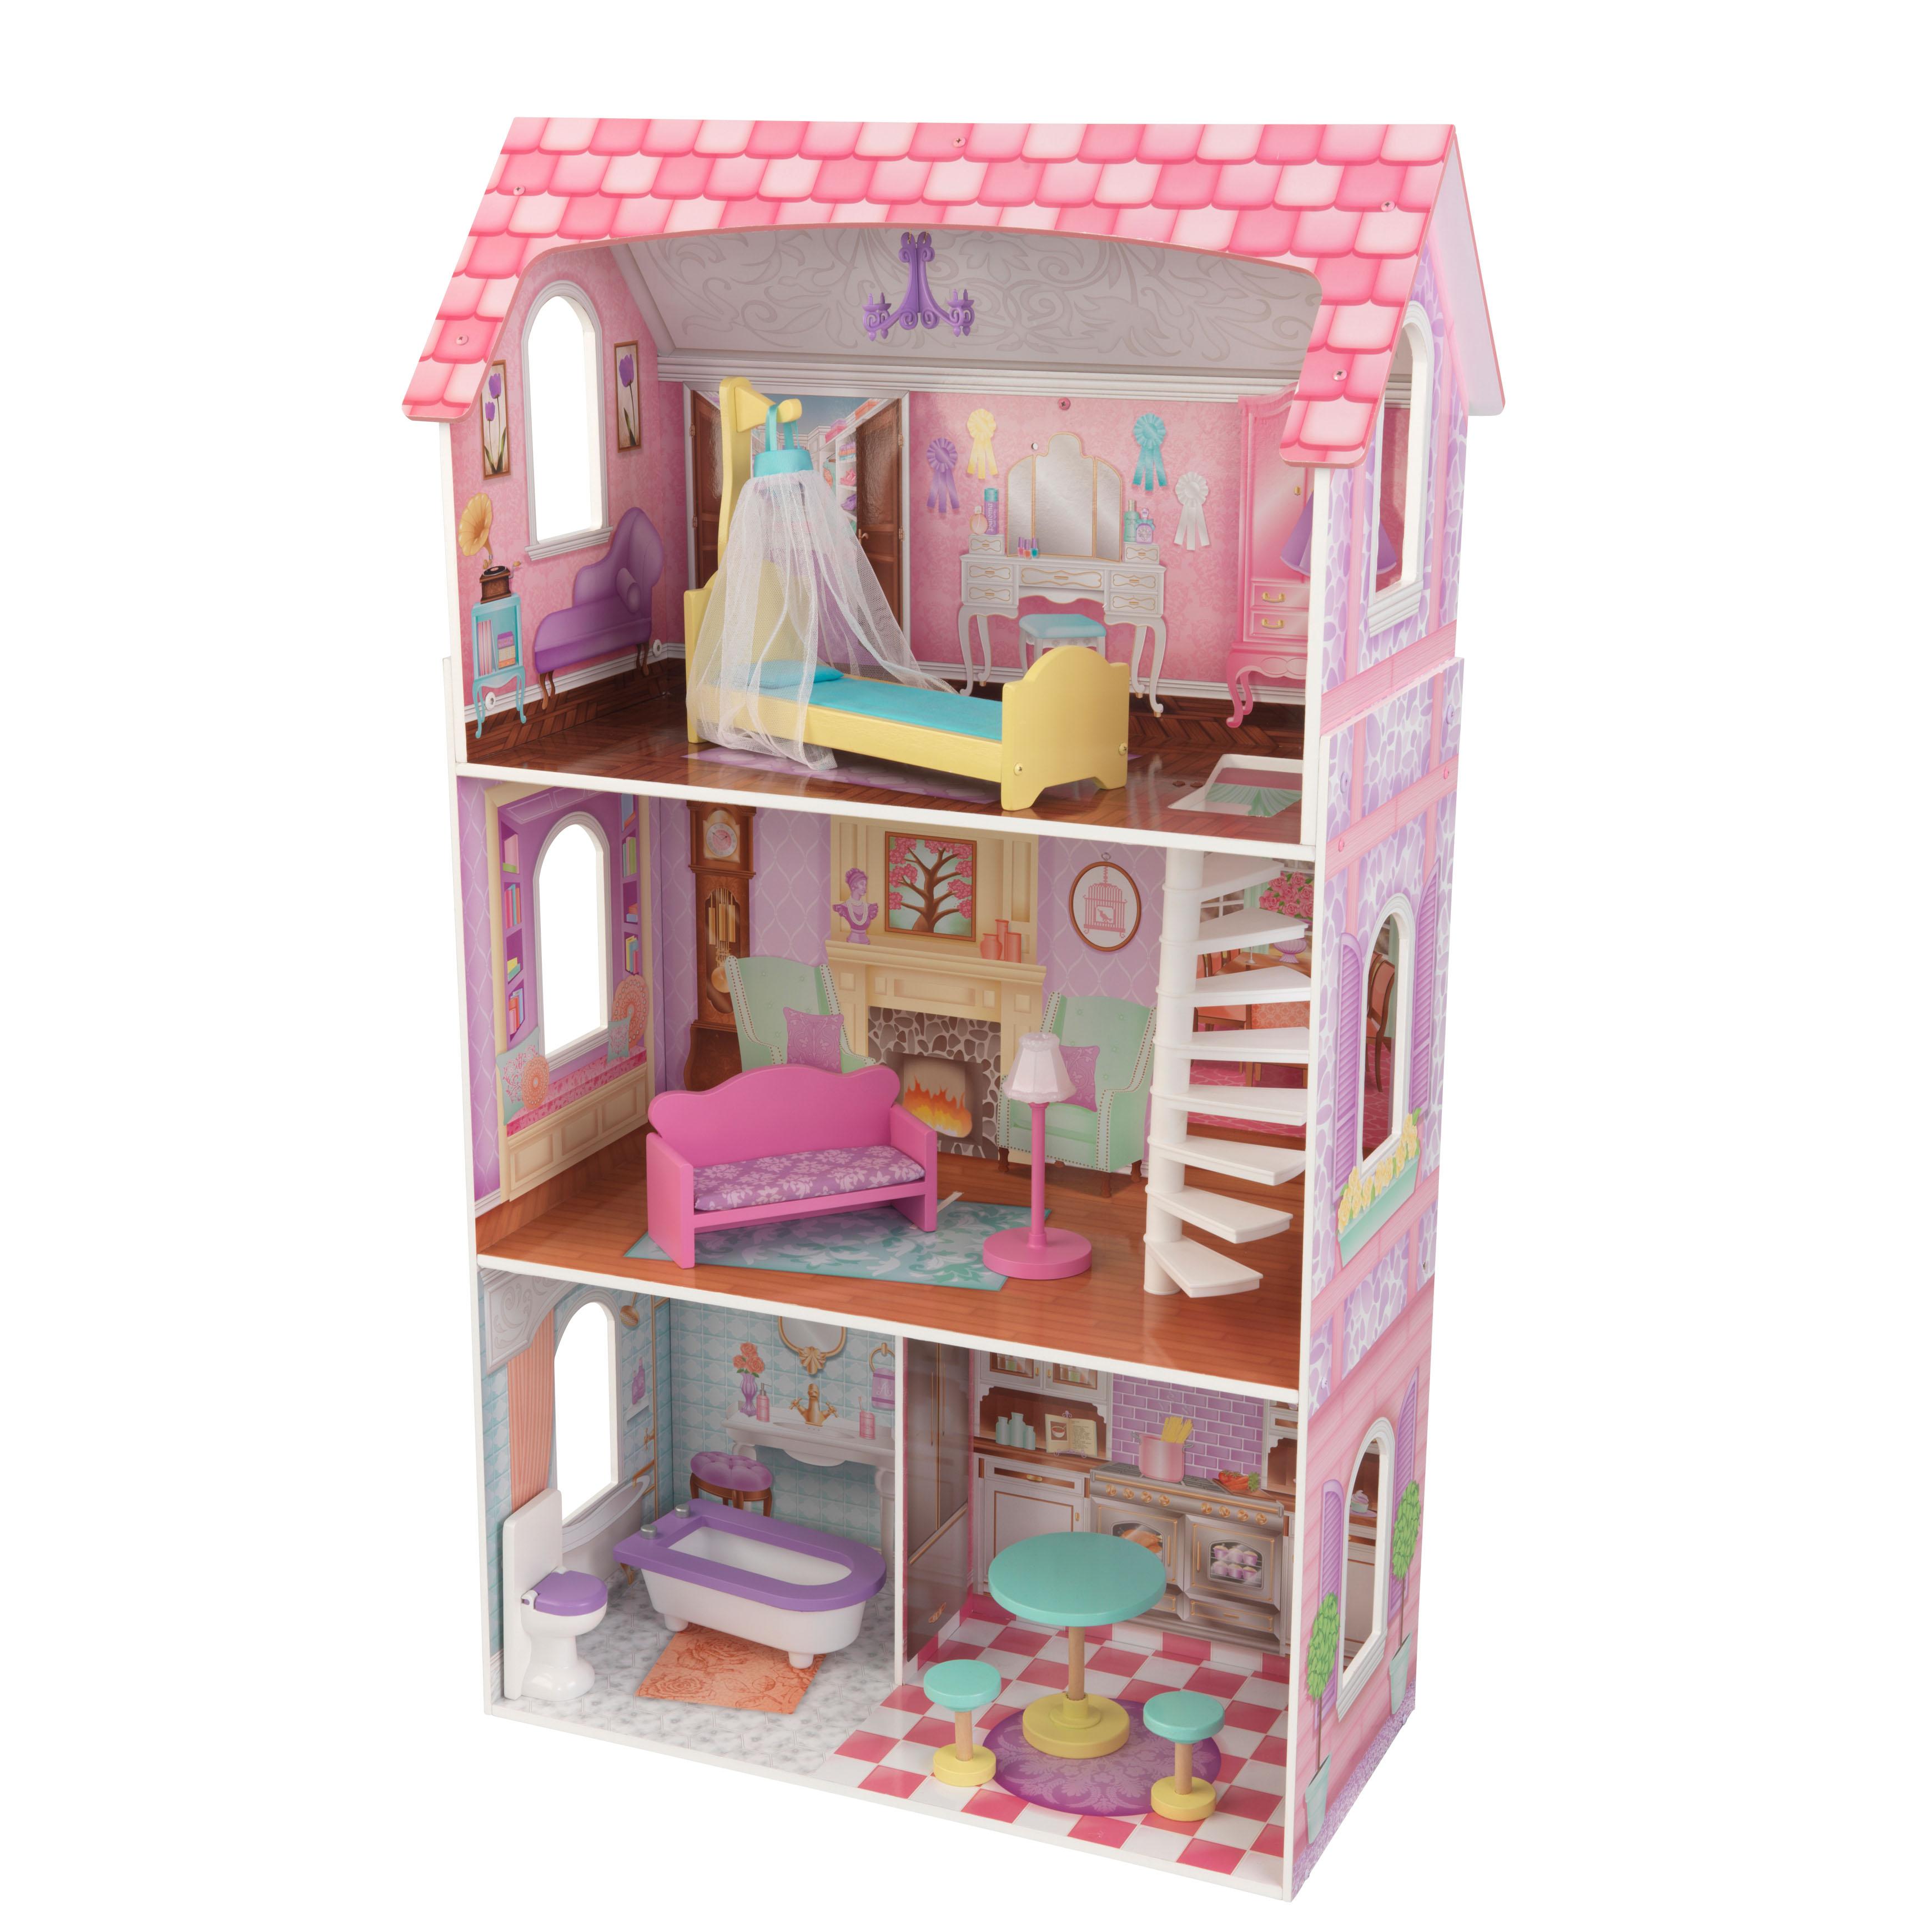 Kidkraft Penelop doll house